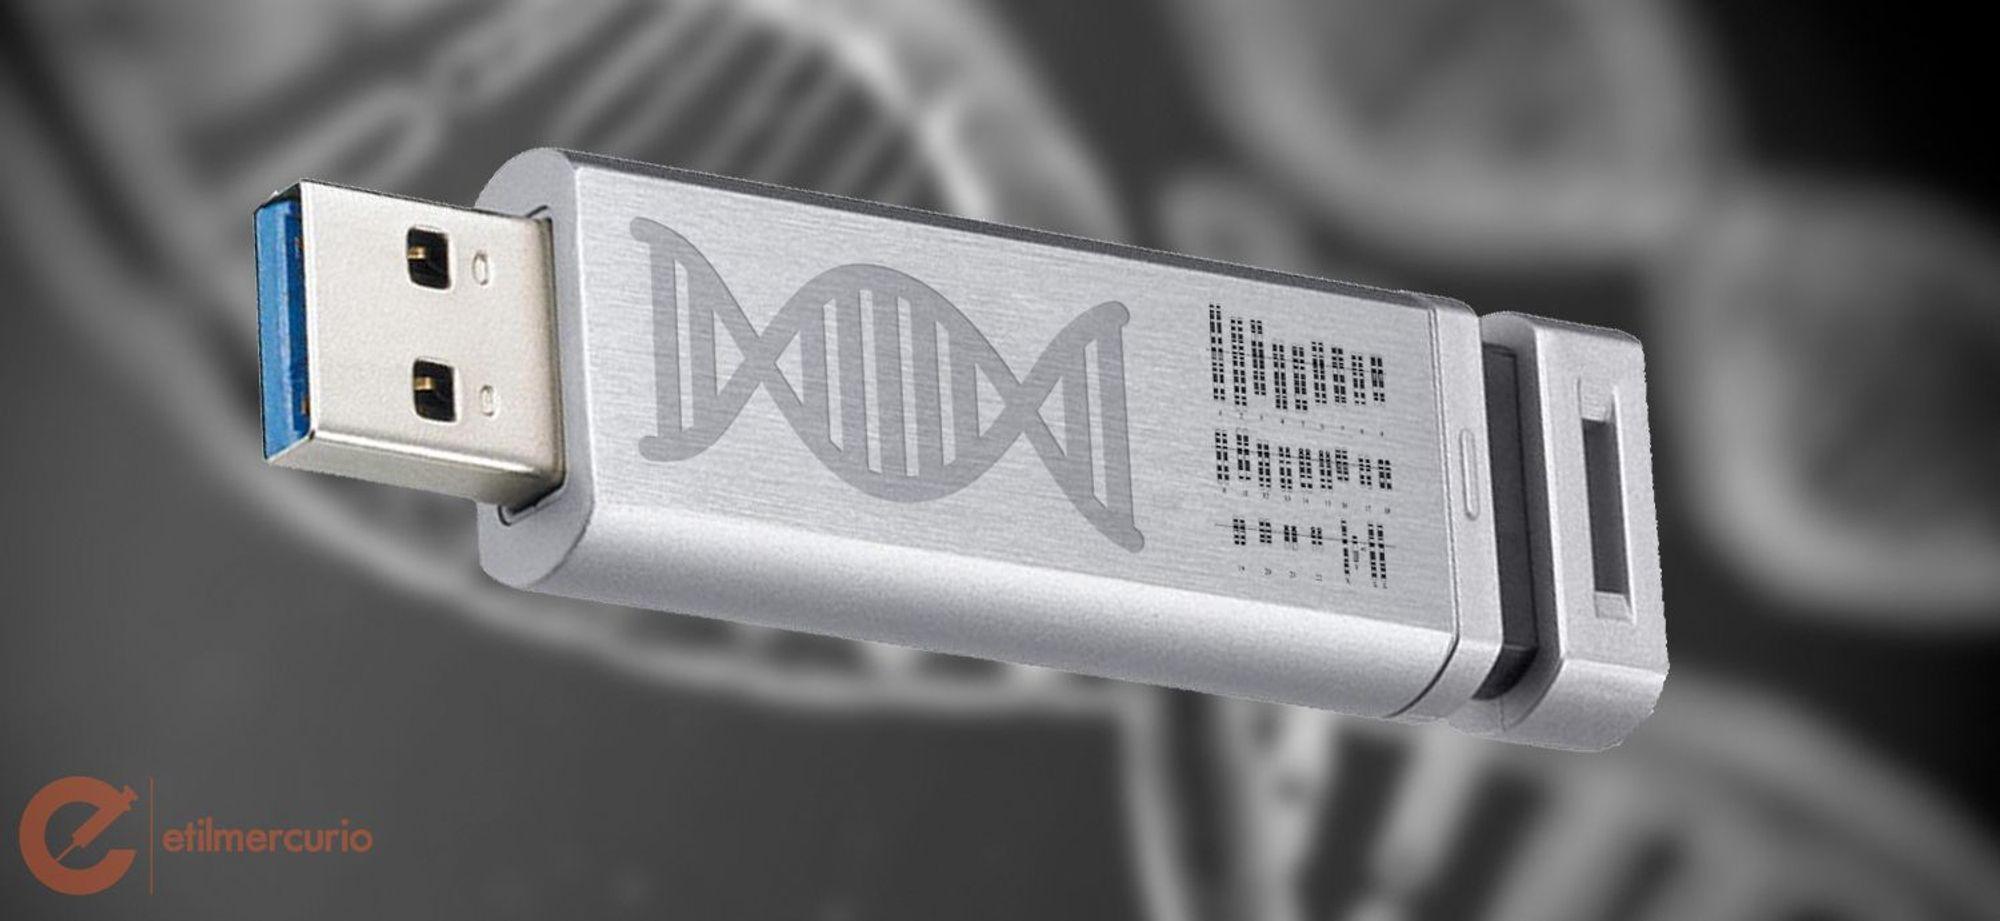 Titel_genoma.jpg